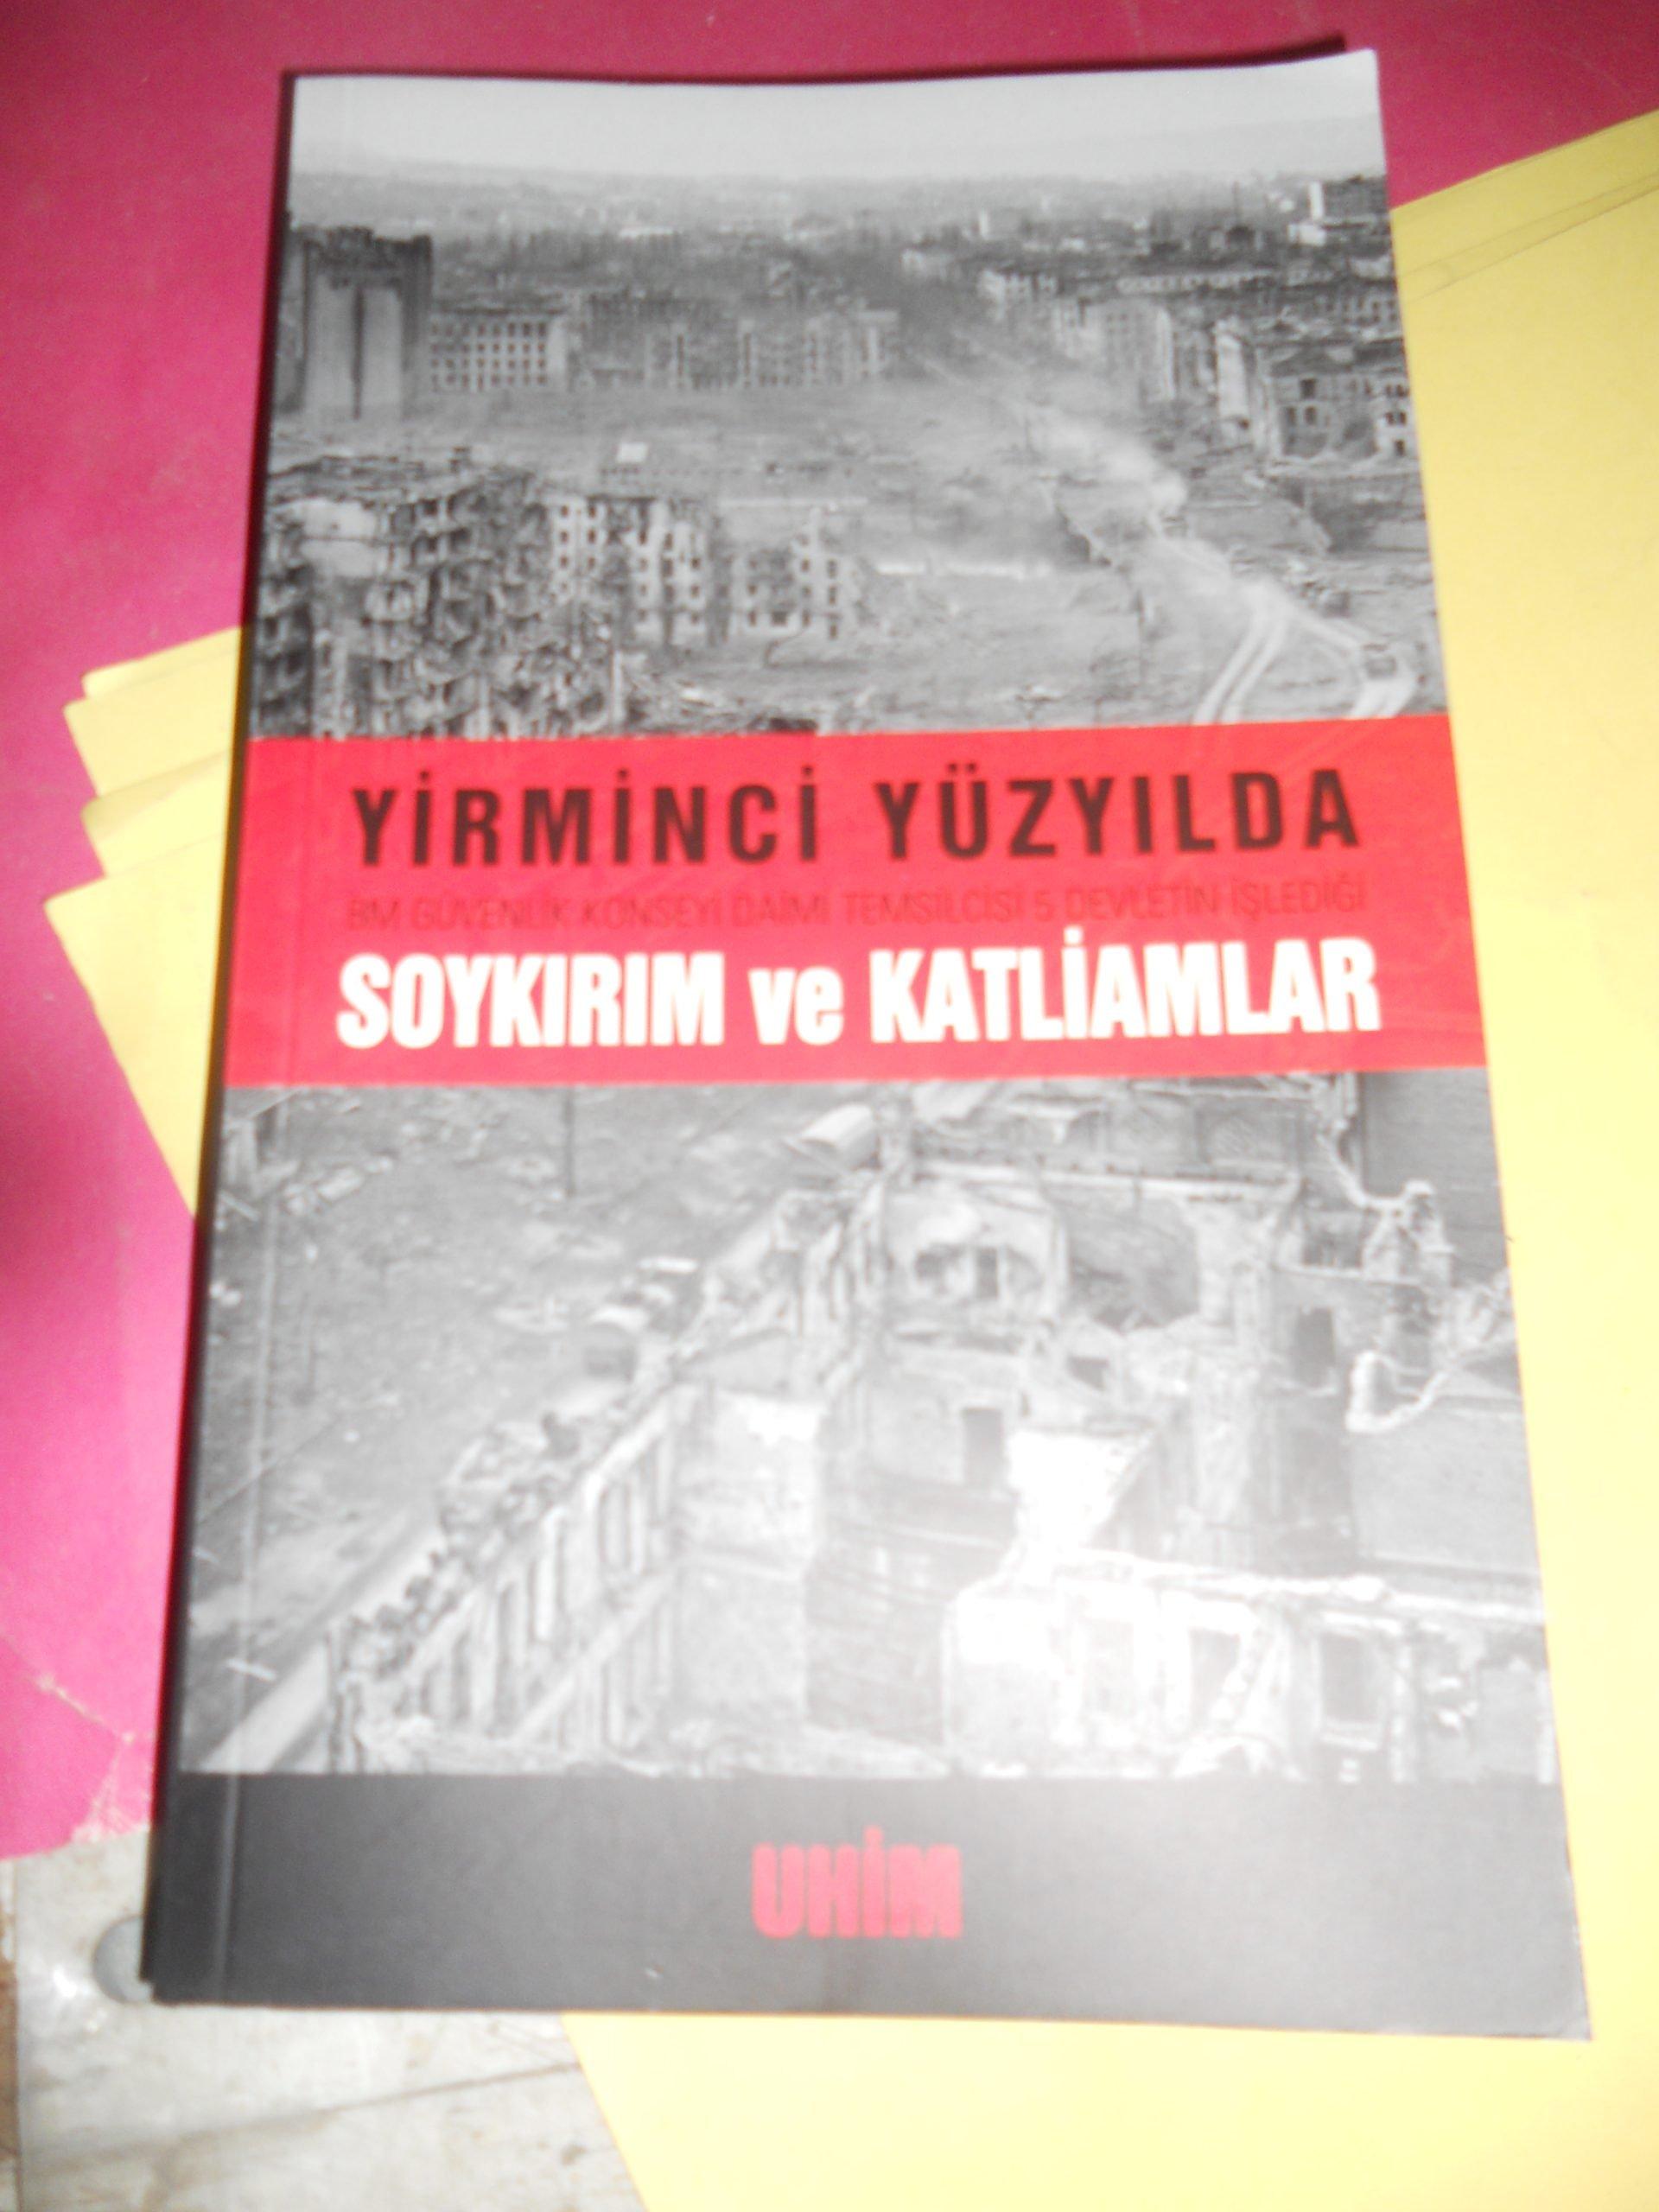 YİRMİNCİ YÜZYILDA SOYKIRIM VE KATLİAMLAR/UHİM/15 TL